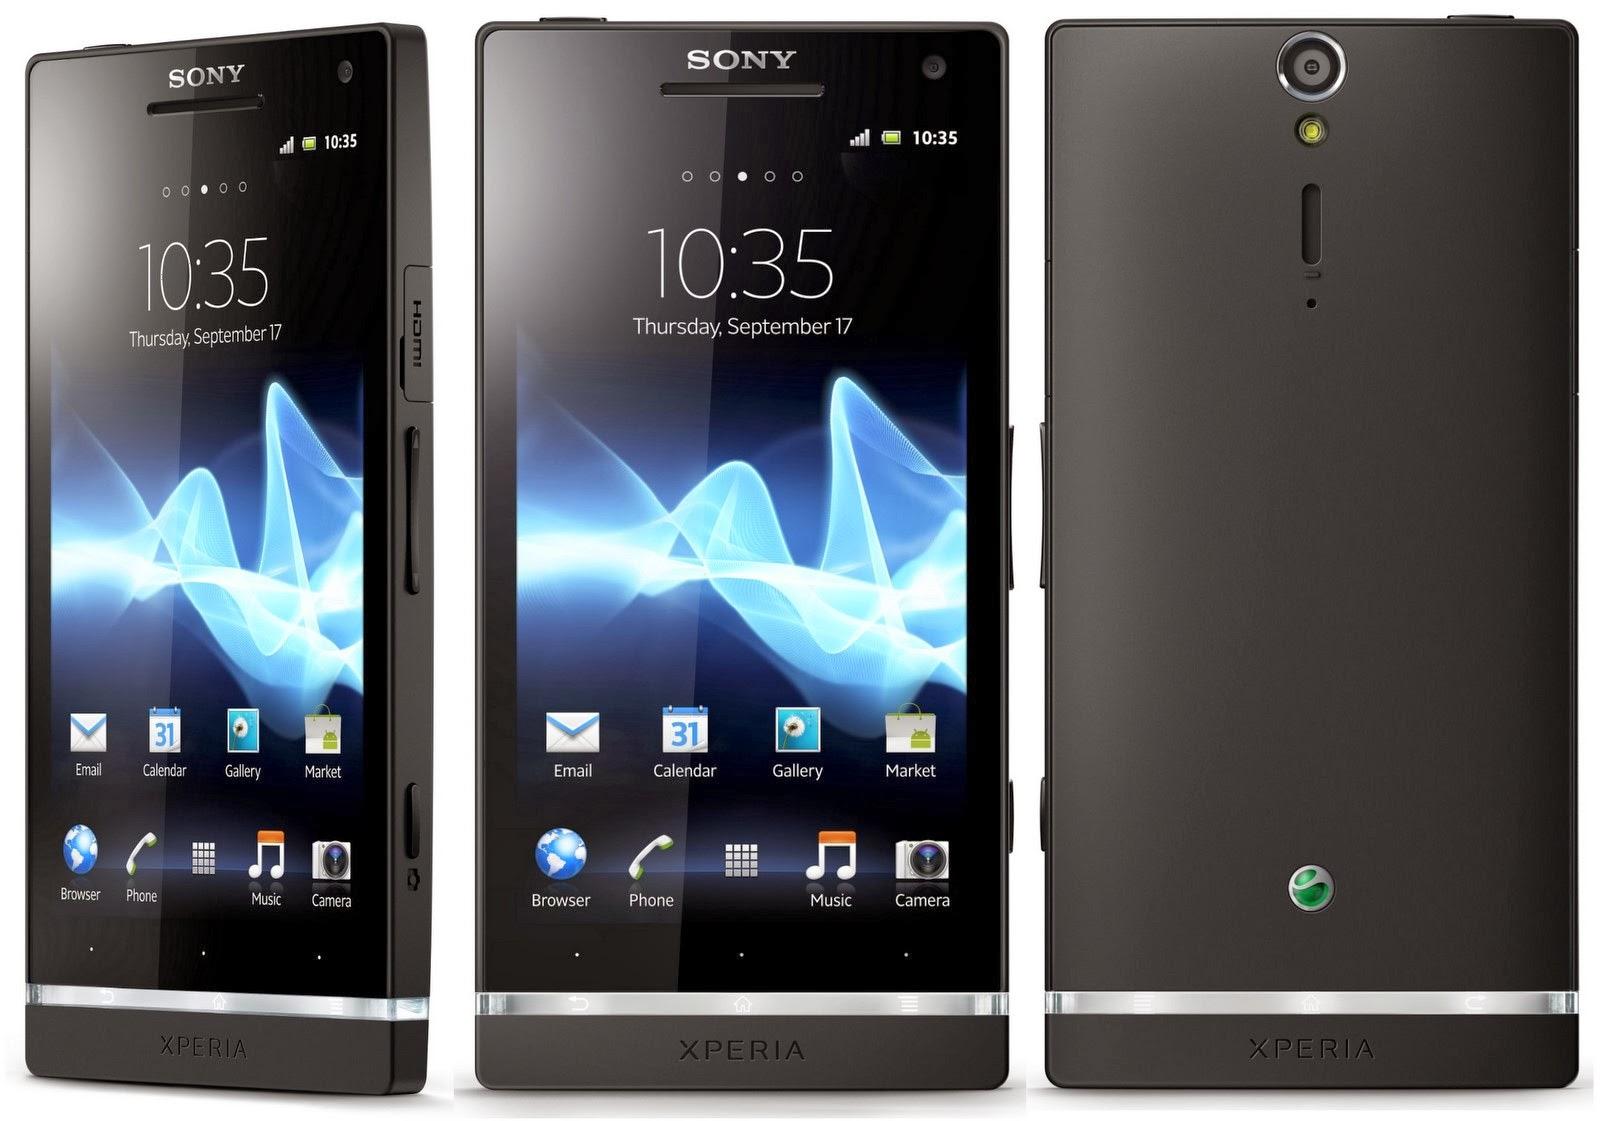 Harga Hp Sony Xperia Murah Terbaru 2014